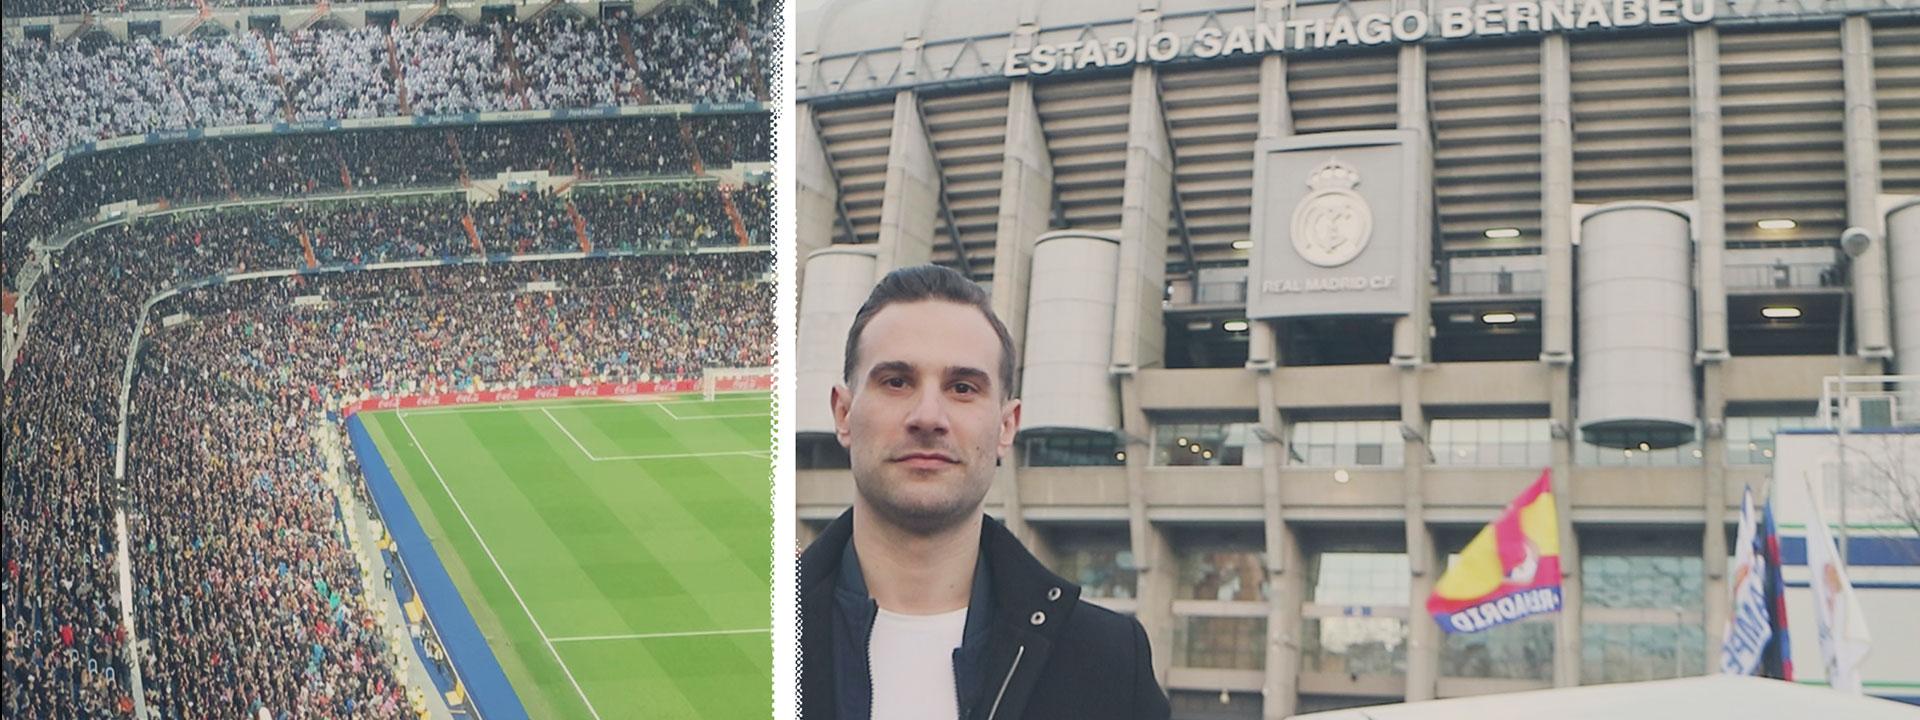 El Clasico: Madrid v Barcelona in 2020